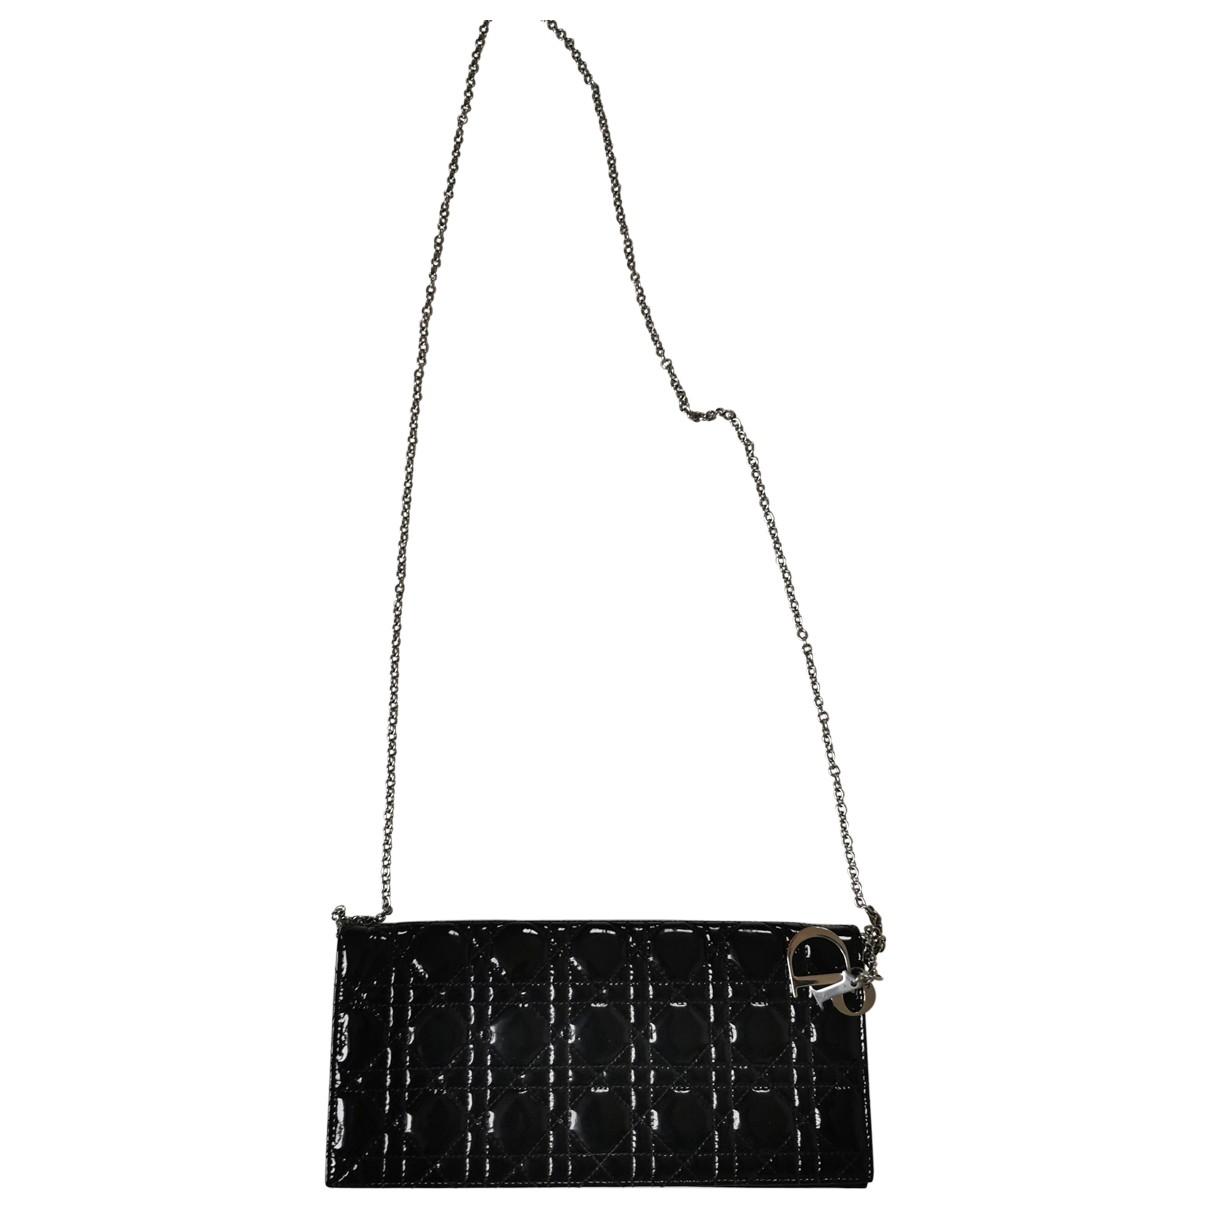 Dior - Sac a main Miss Dior pour femme en cuir verni - noir